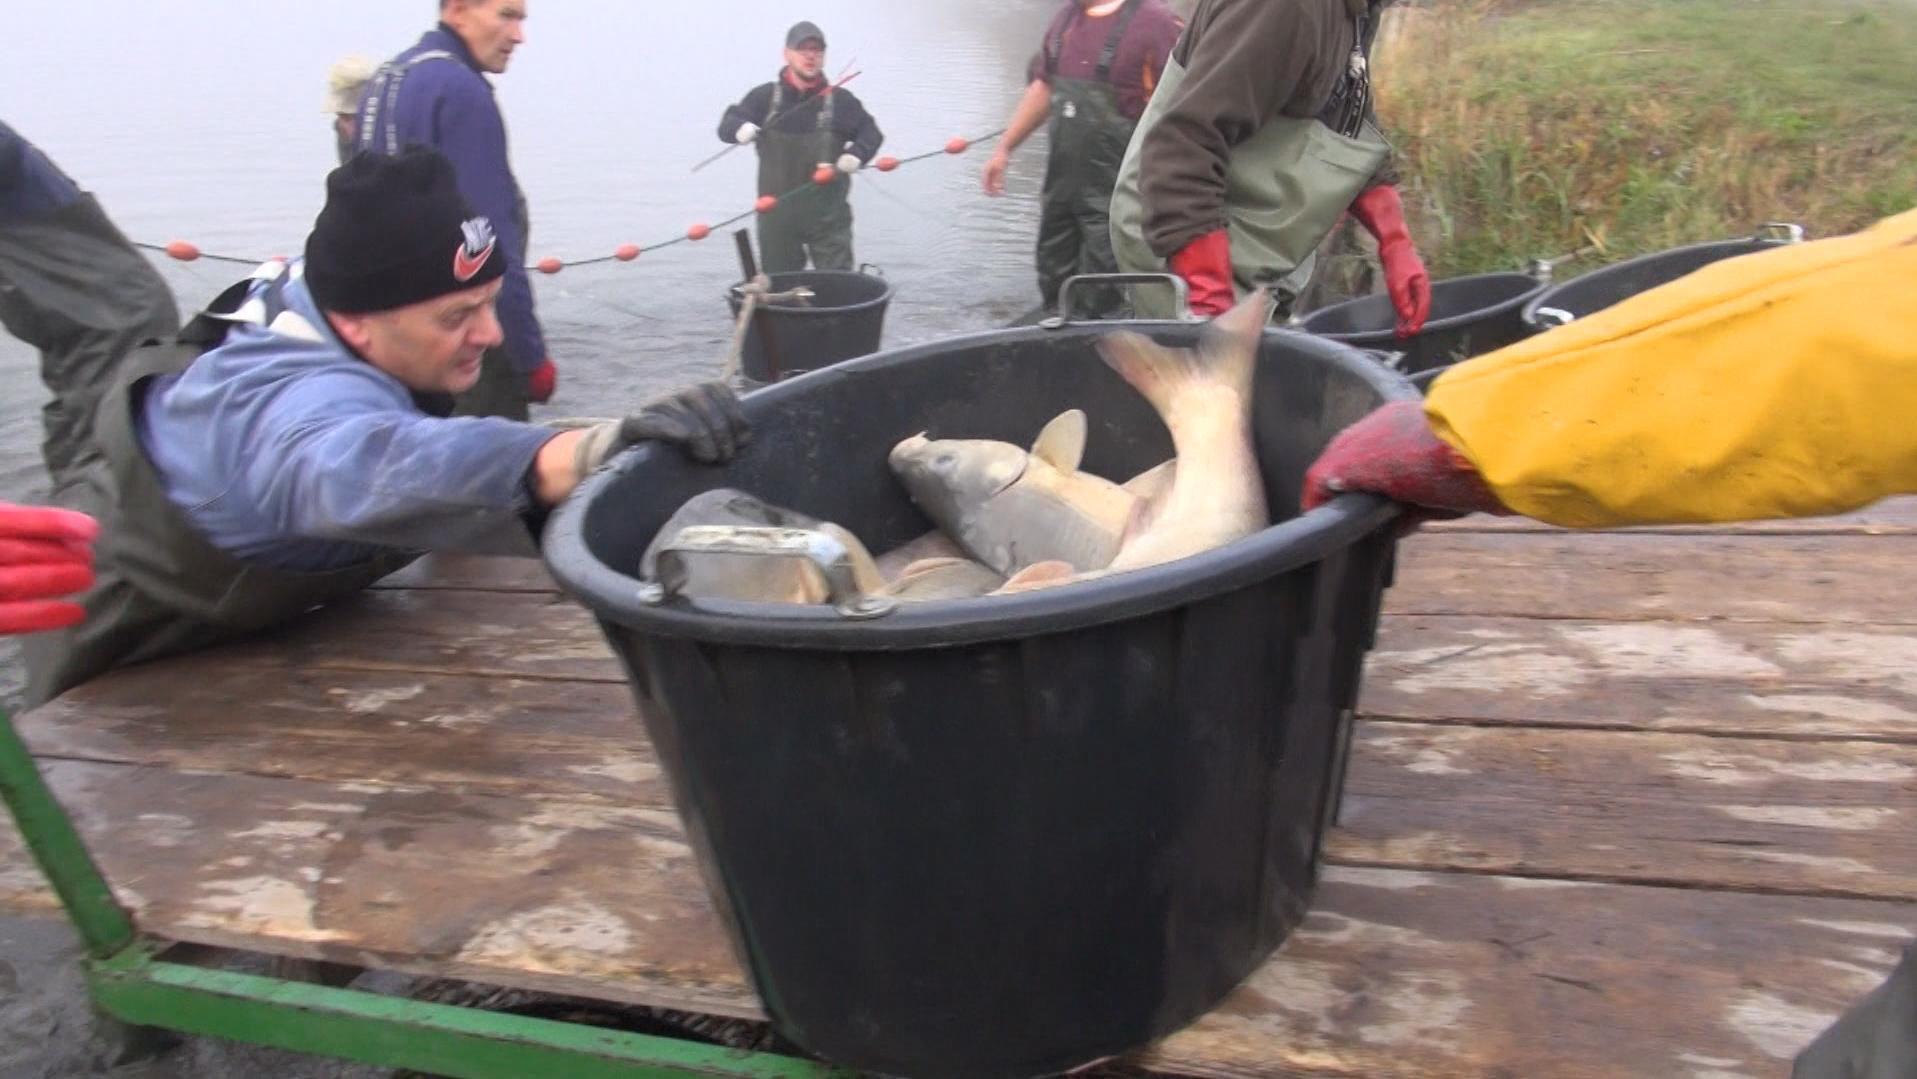 Mehrere Männer beim Abfischen eines Teichs. Ein Mann reicht einer anderen Person einen Eimer mit Fischen darin.